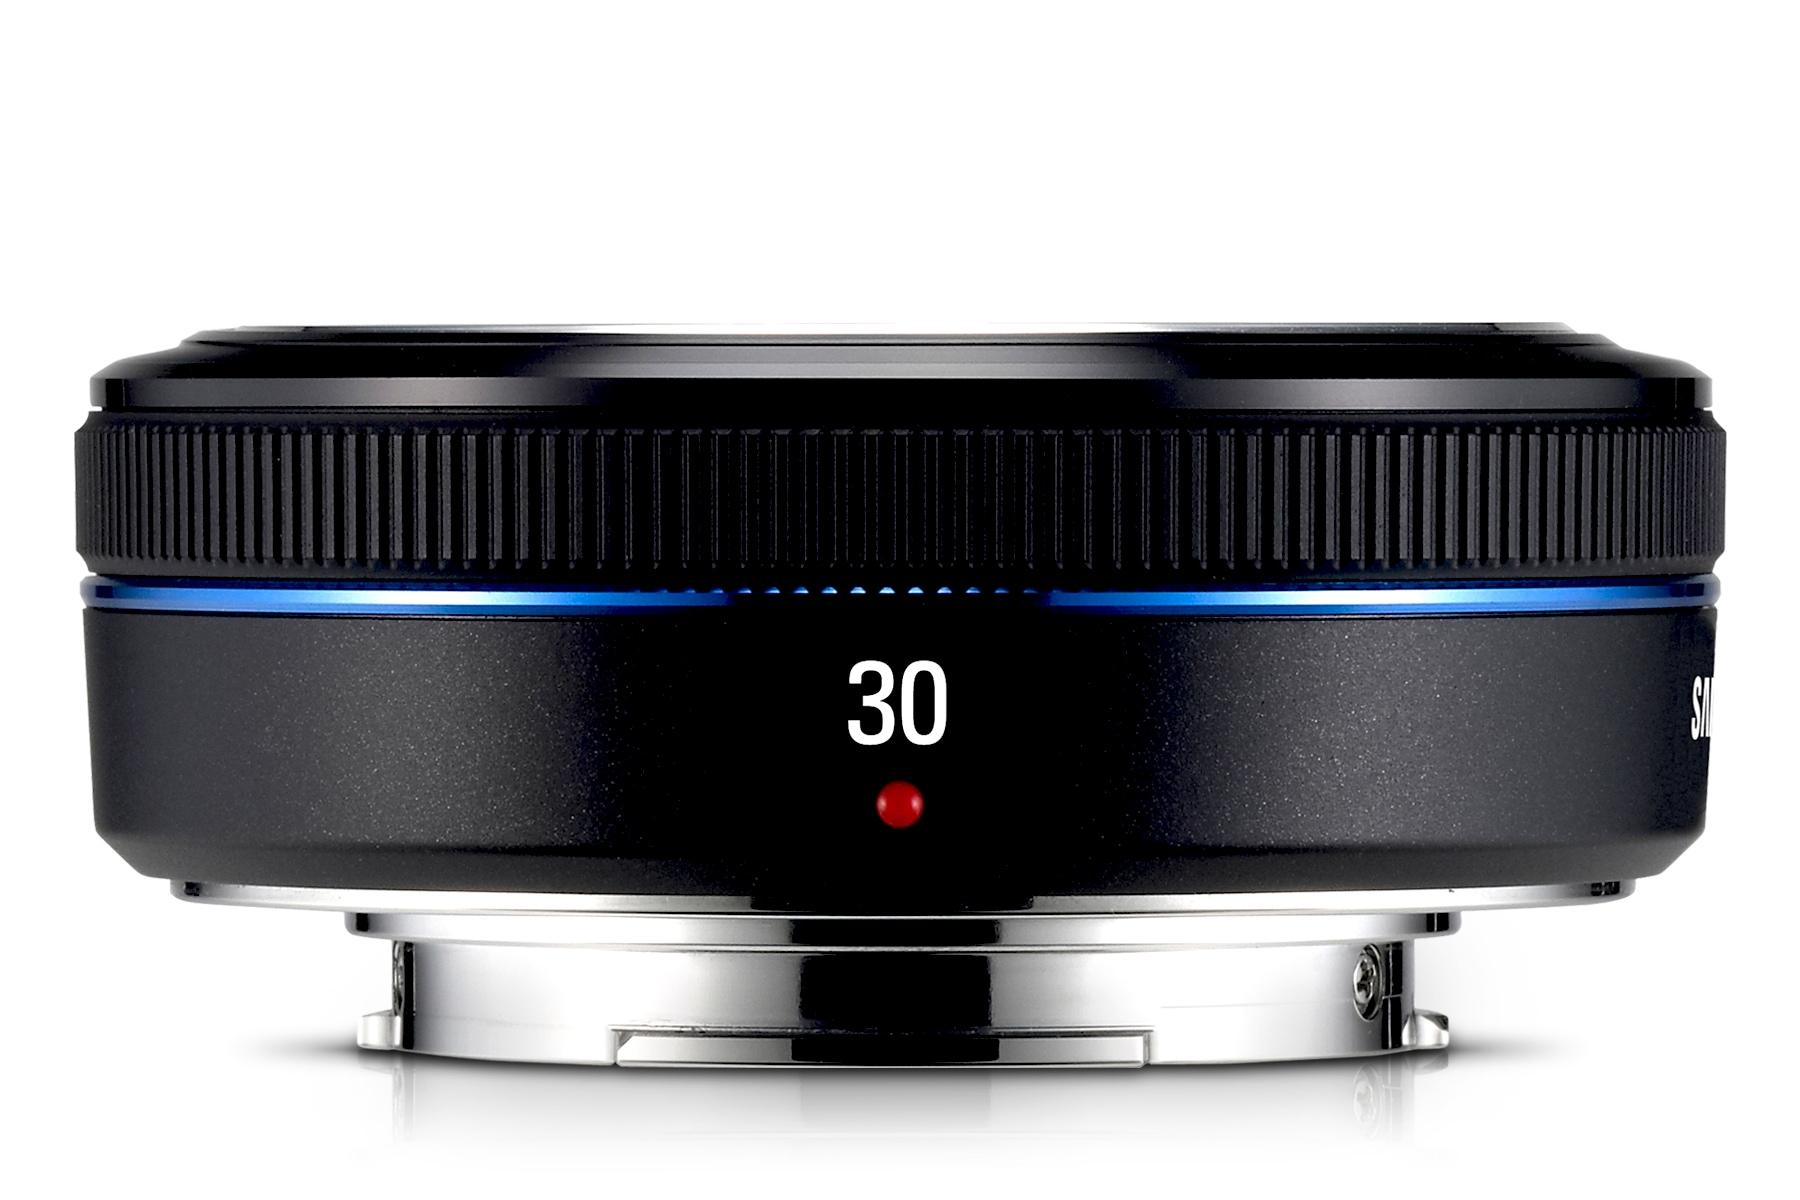 30 mm F2 Standard Prime Lens